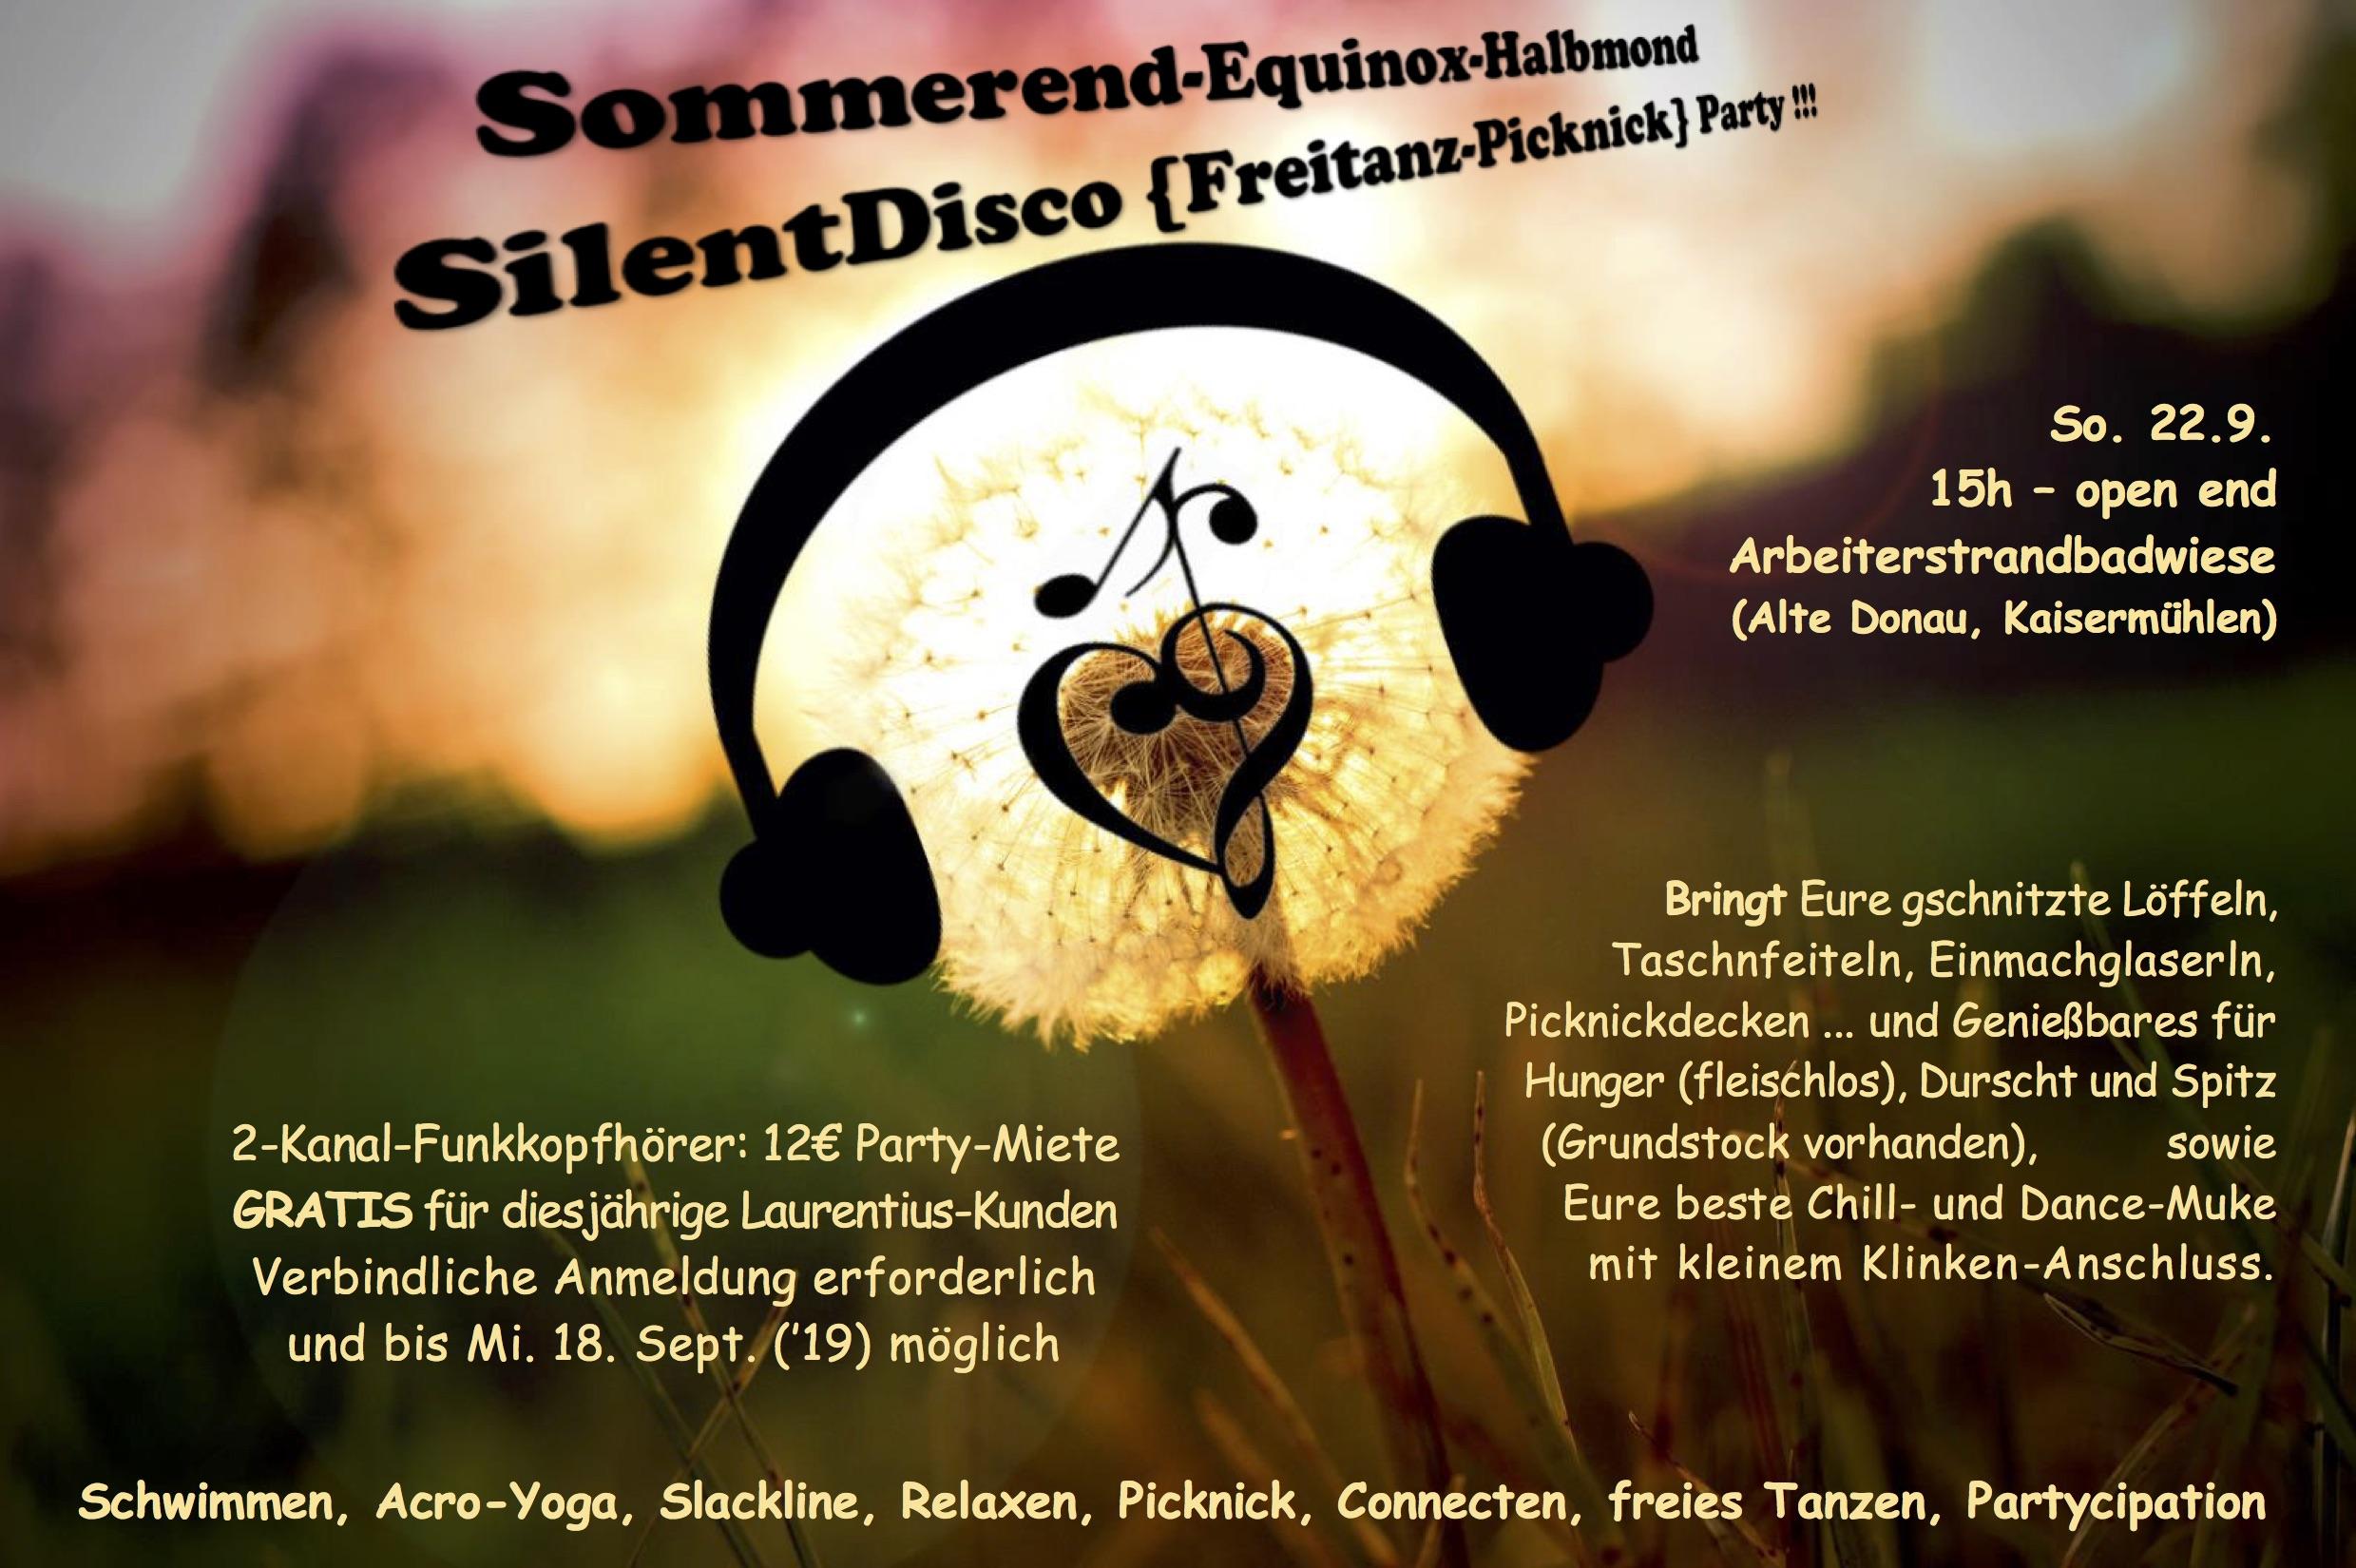 Sommerend-SilentDisco '19